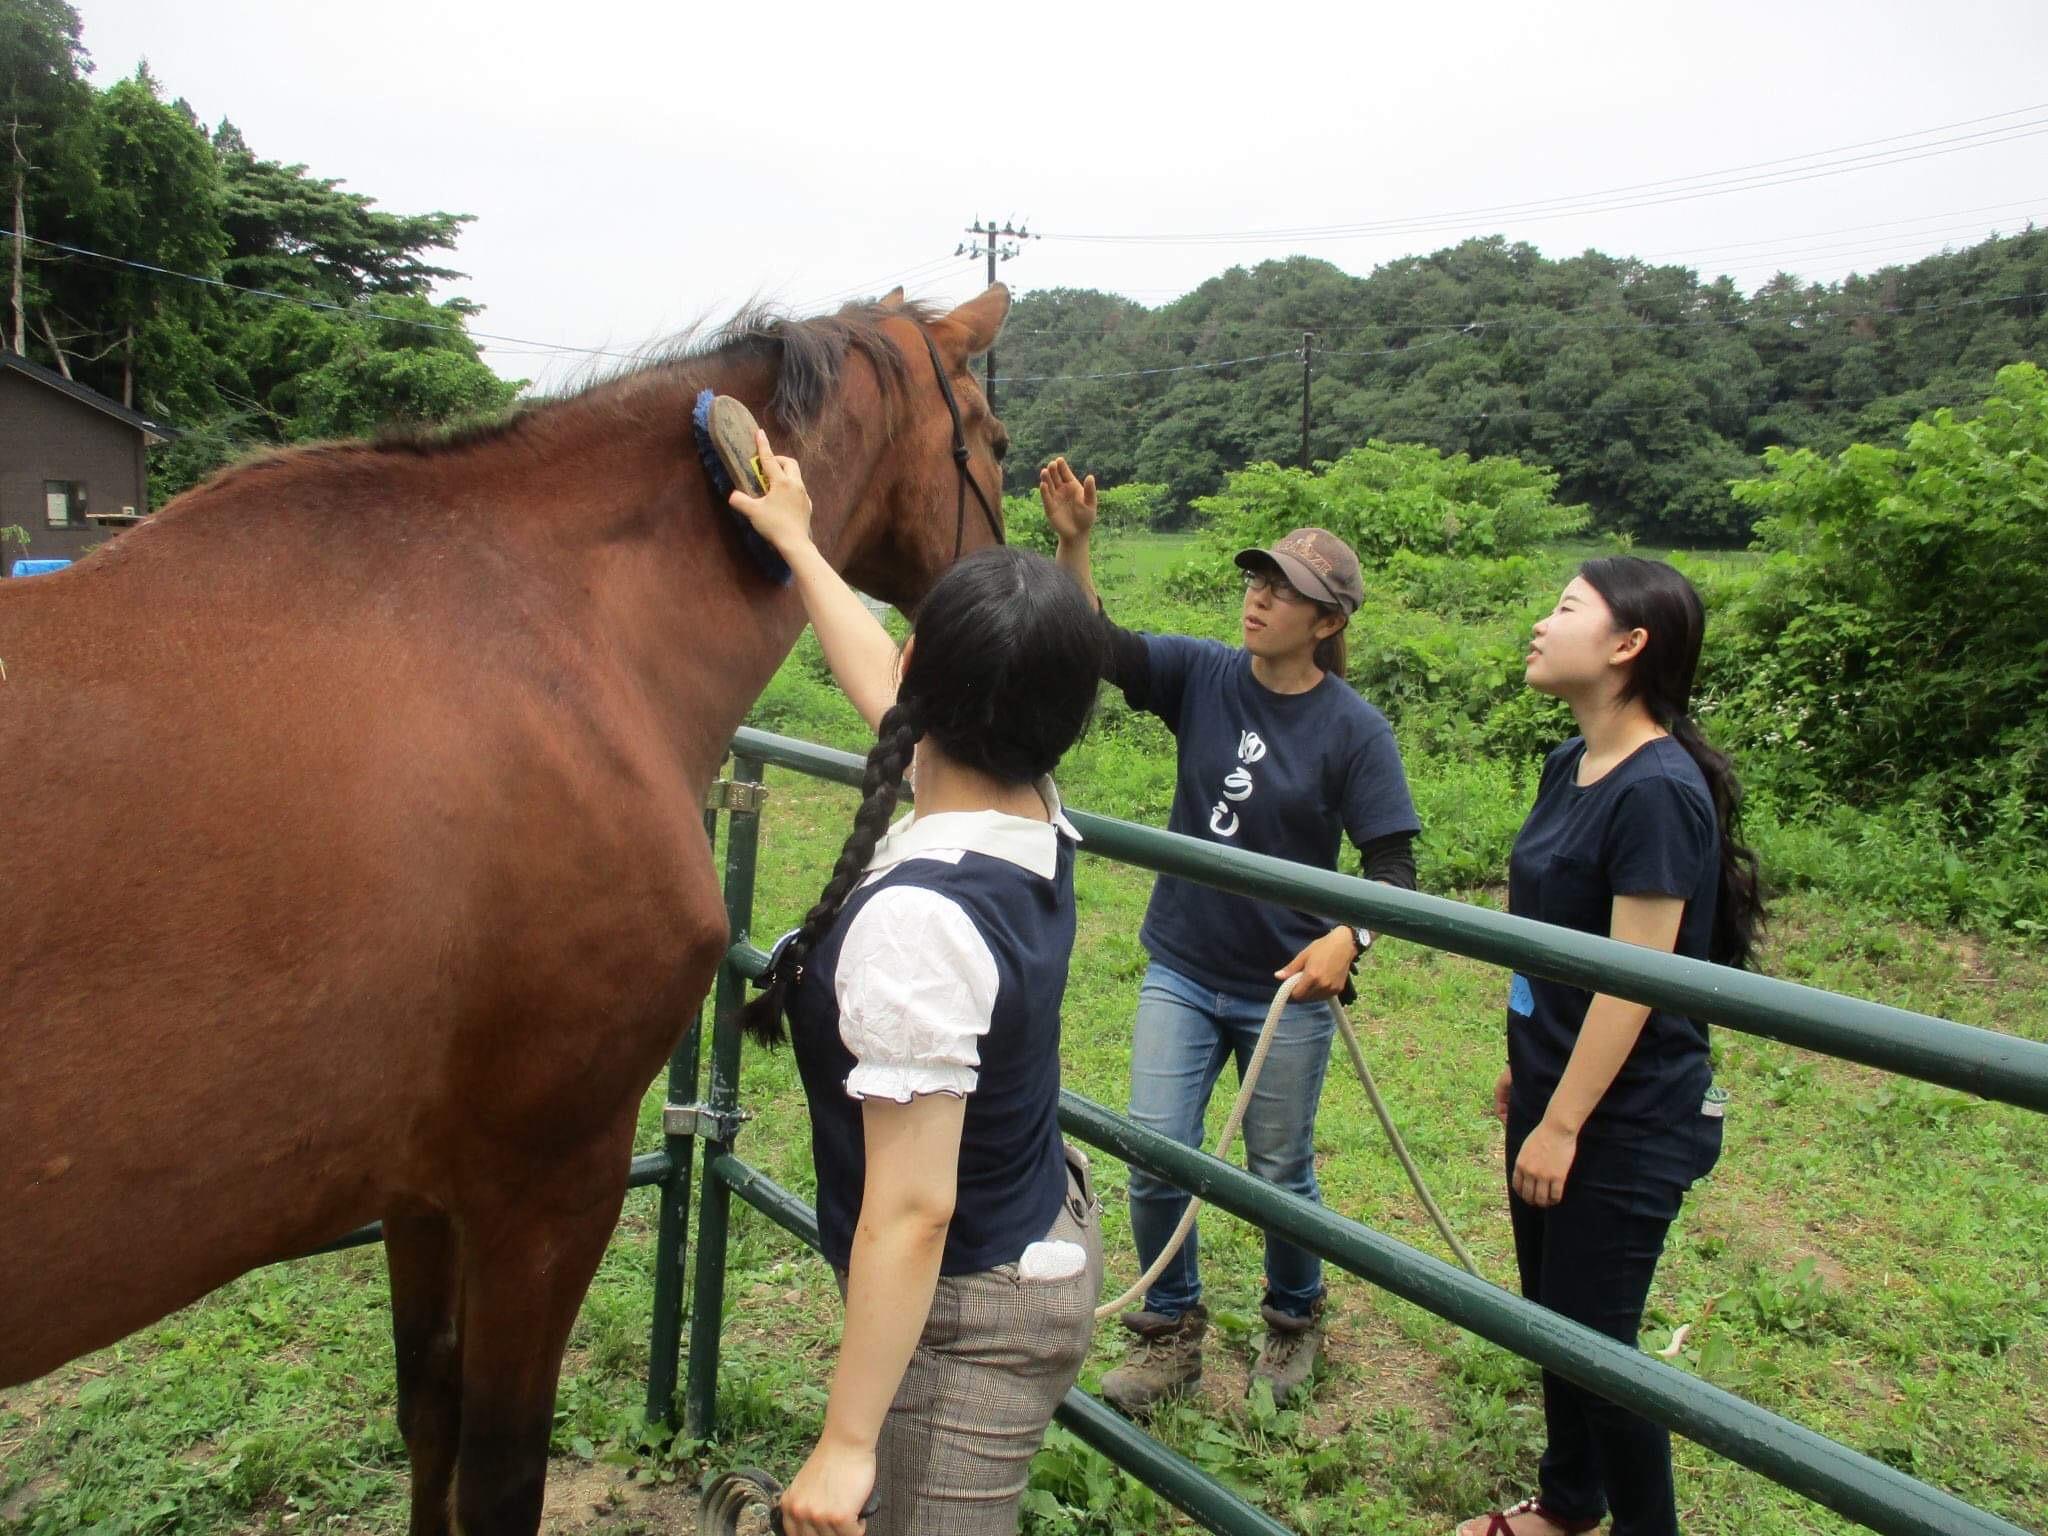 【東松島市】海街さんぽオリジナル 大人向け牧場体験プログラム【コース番号:20010】